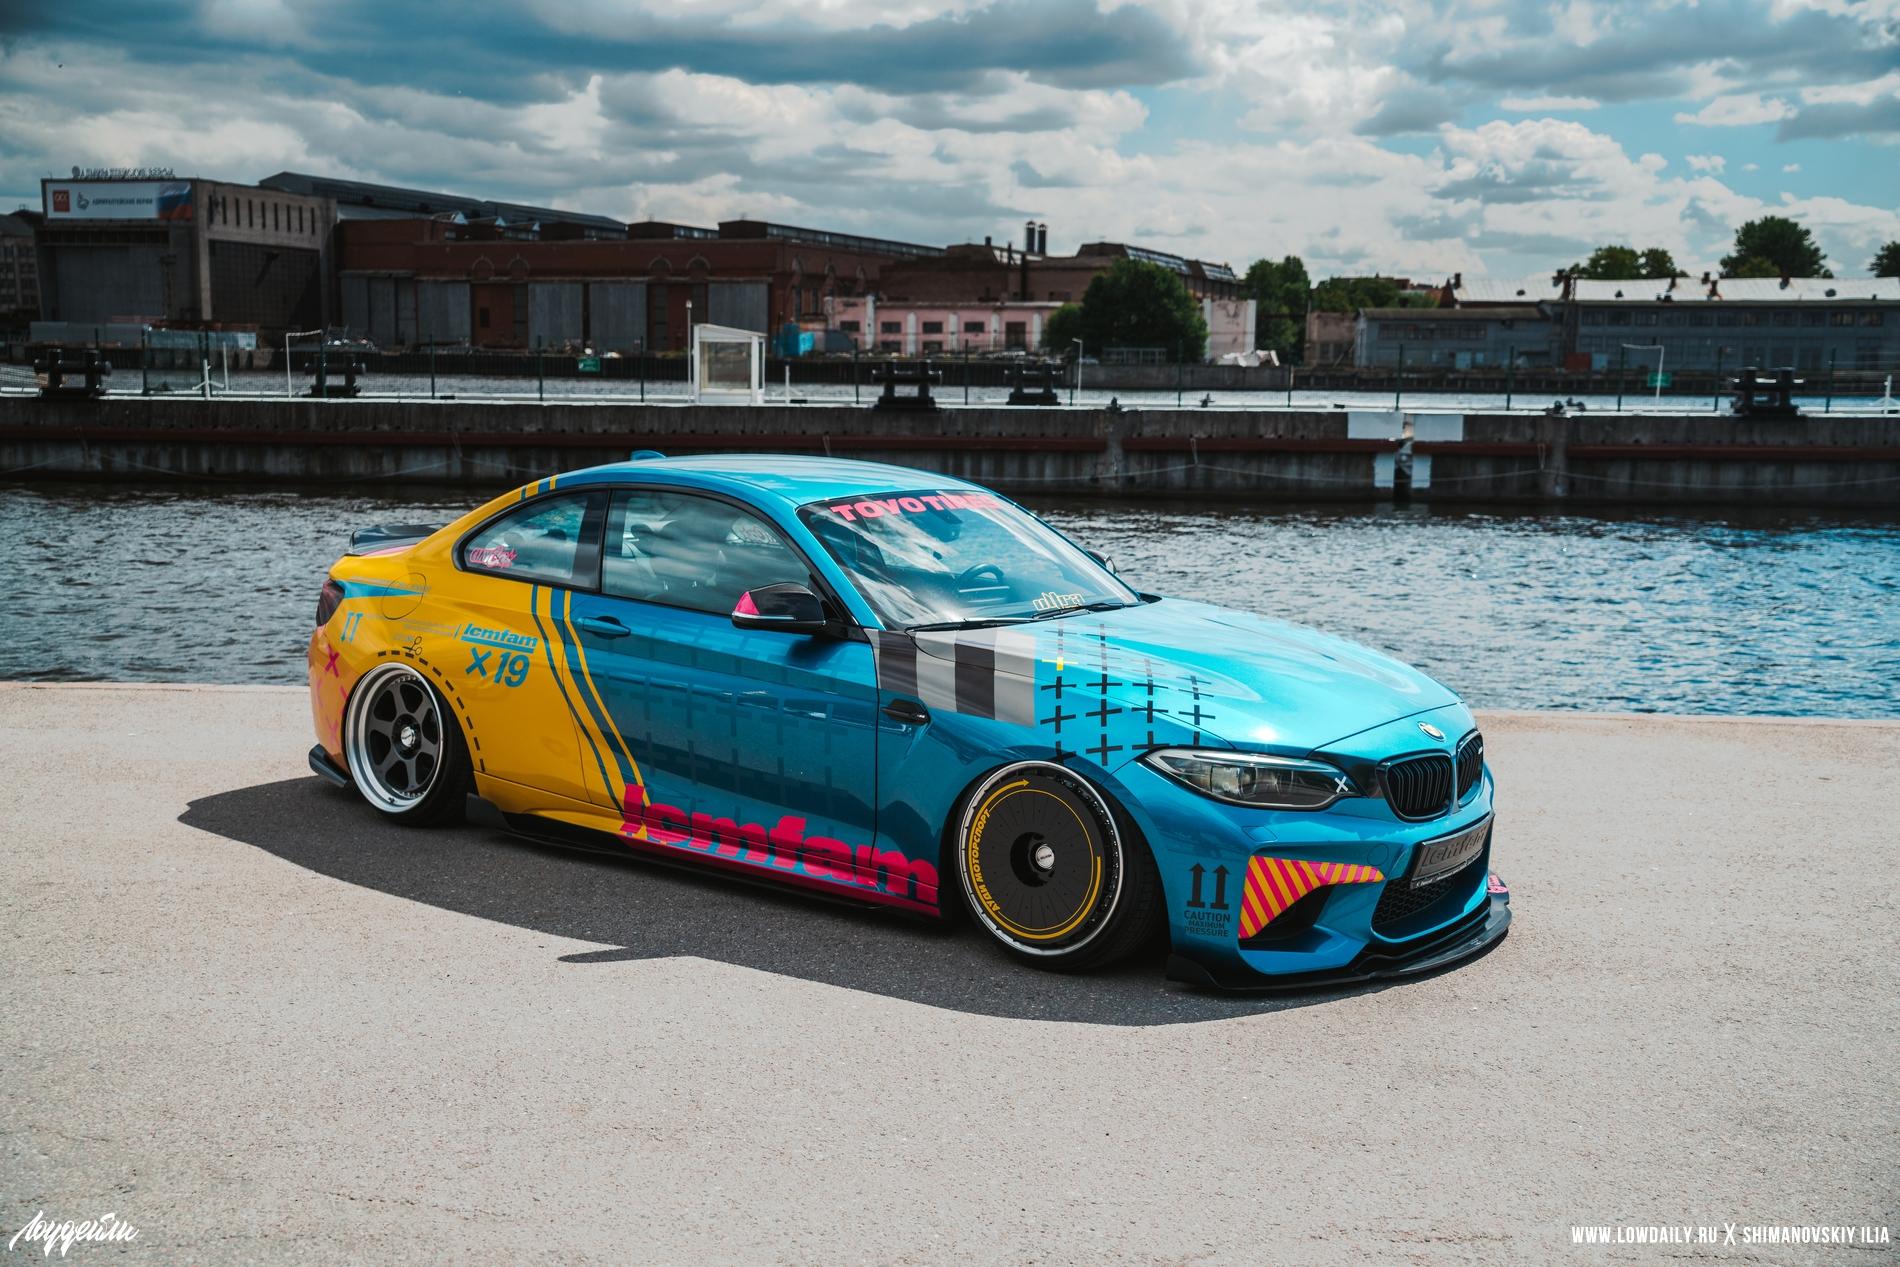 BMW M2 - Low Cars Meet